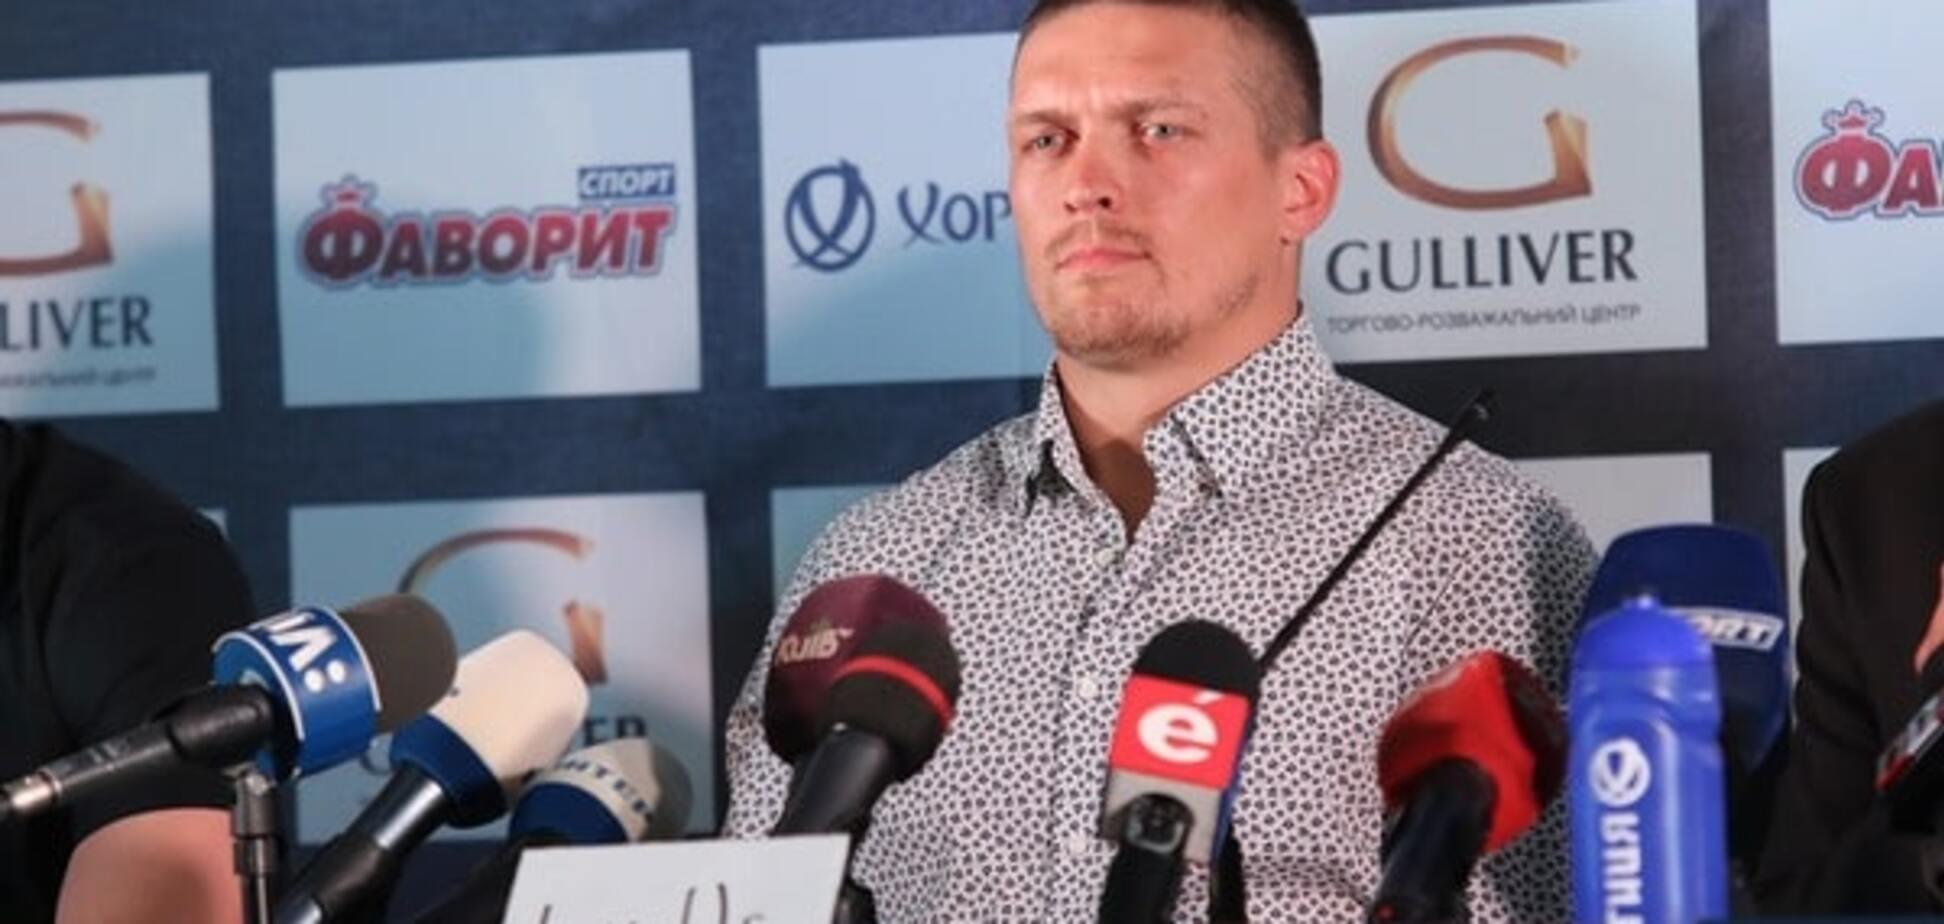 'Без будильника': Усик розкрив свої чемпіонські плани перед боєм із Гловацьким